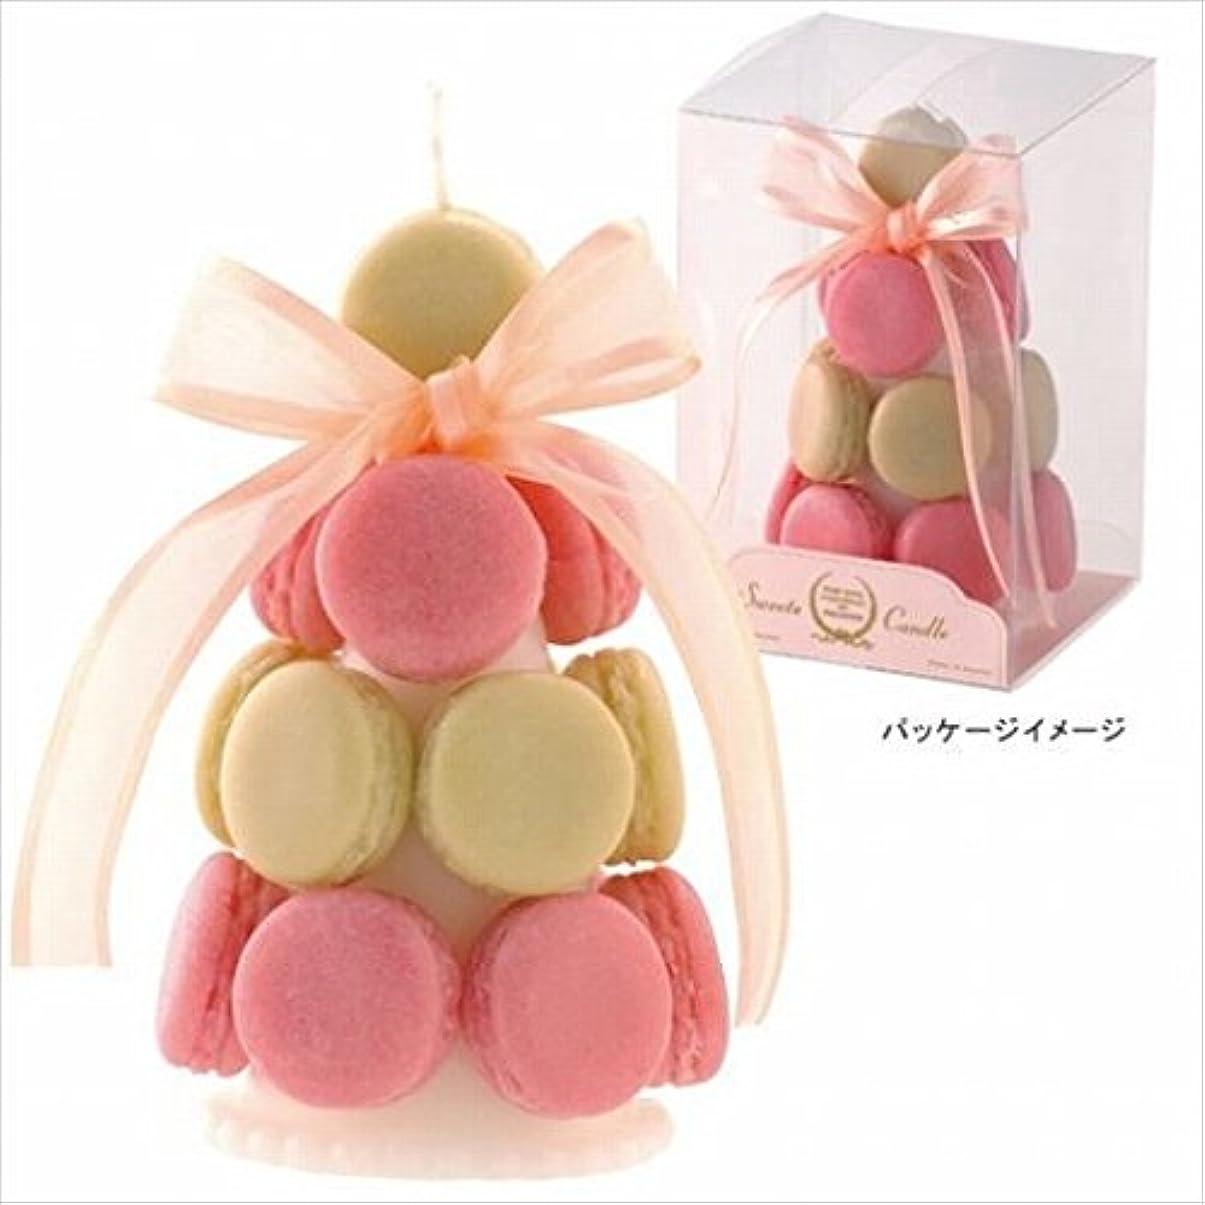 伝染病接続されたるkameyama candle(カメヤマキャンドル) ハッピーマカロンタワー 「 キャラメル 」6個セット(A4580510)